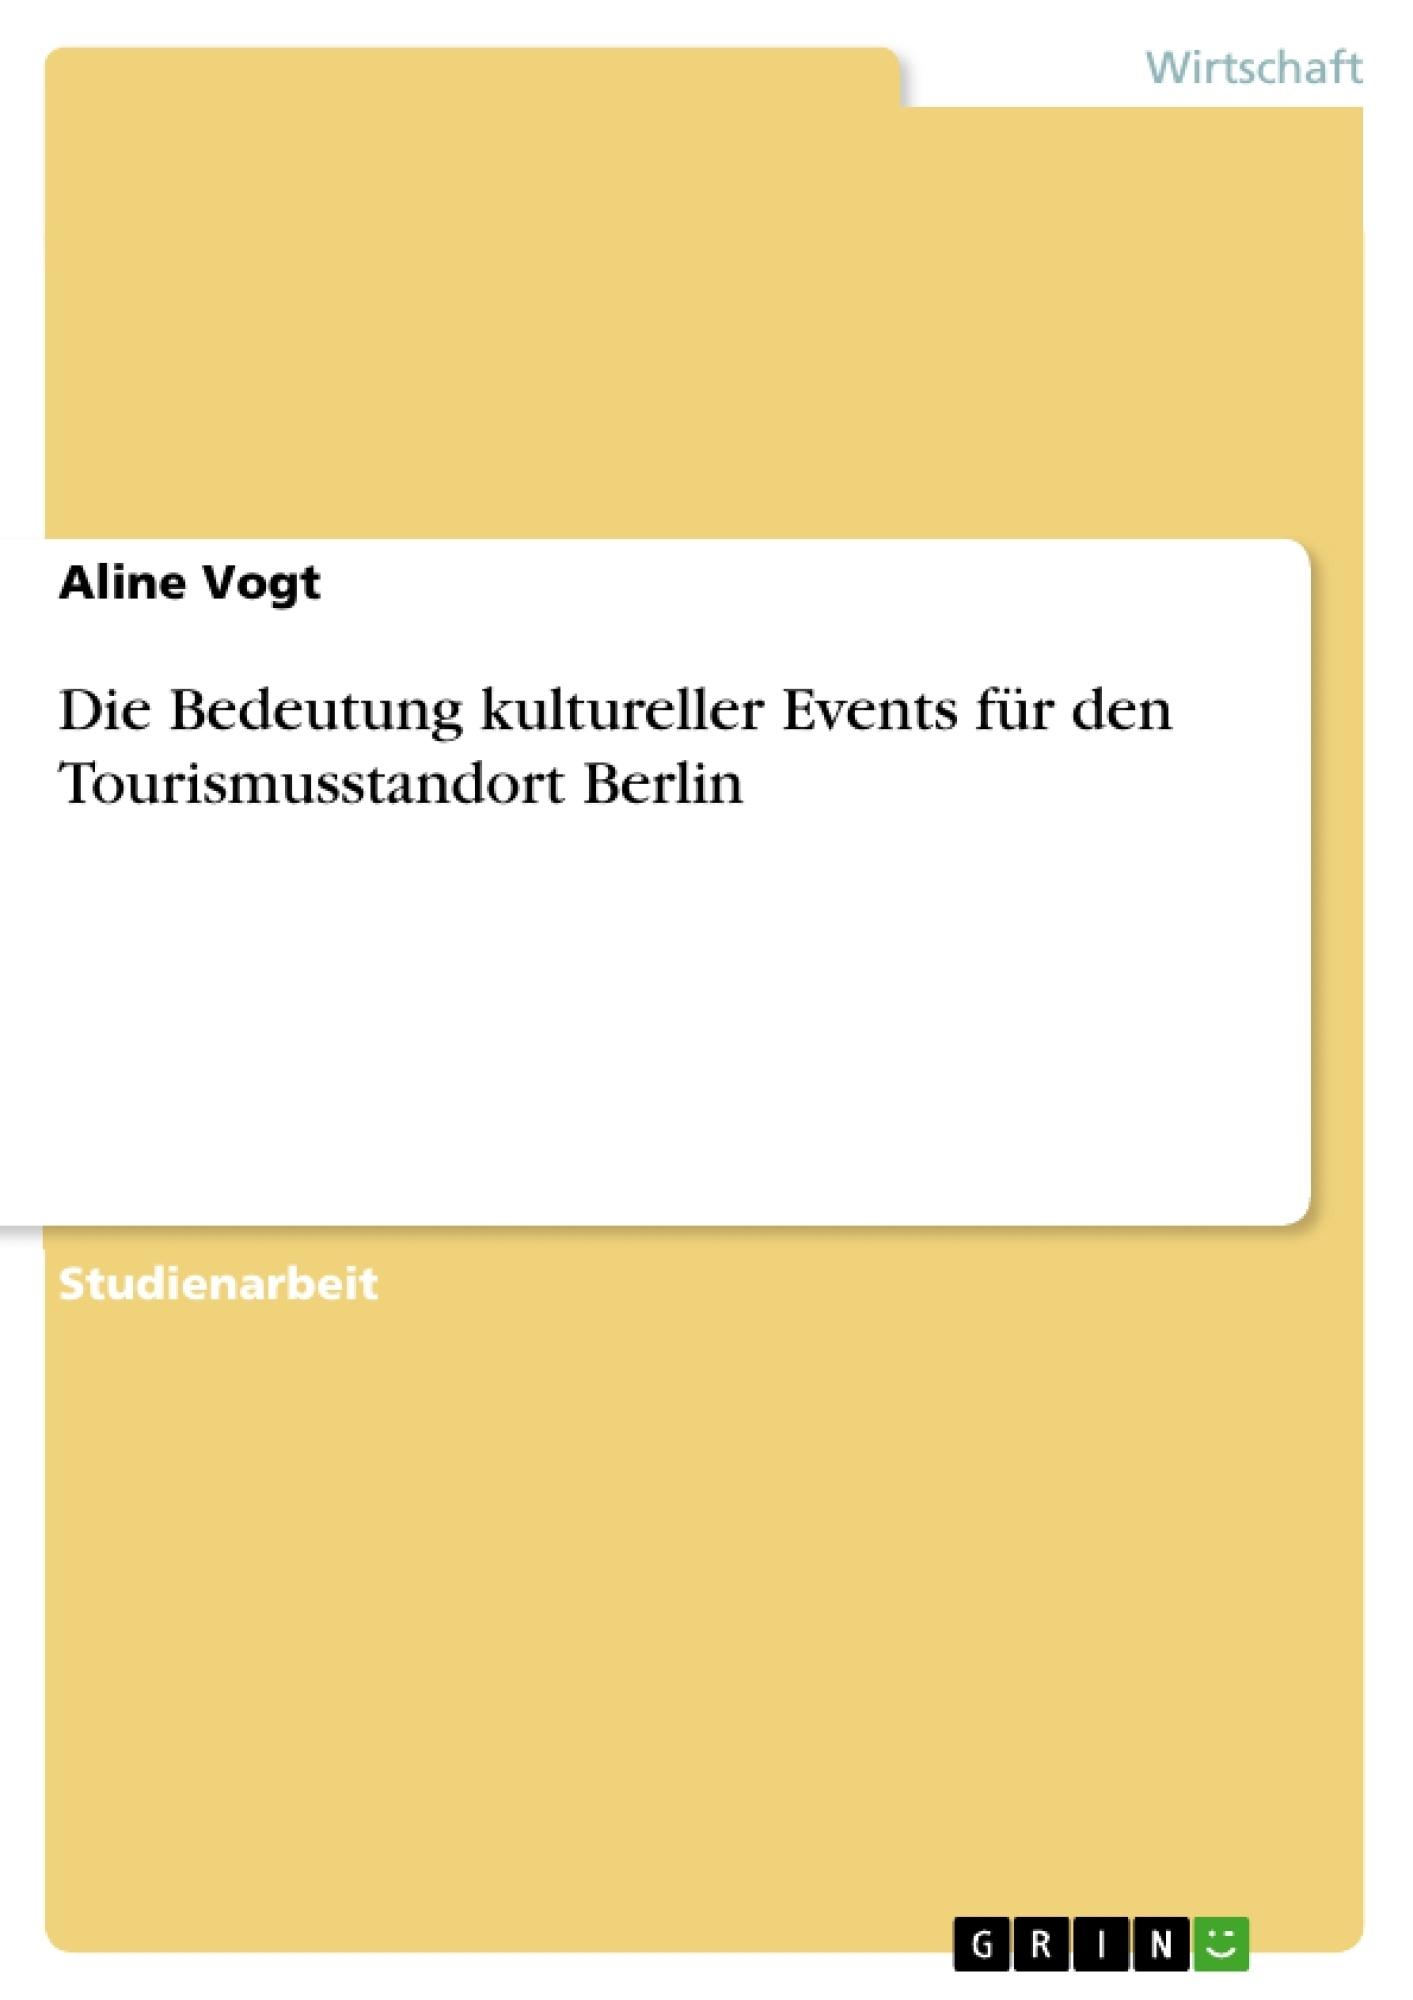 Titel: Die Bedeutung kultureller Events für den Tourismusstandort Berlin